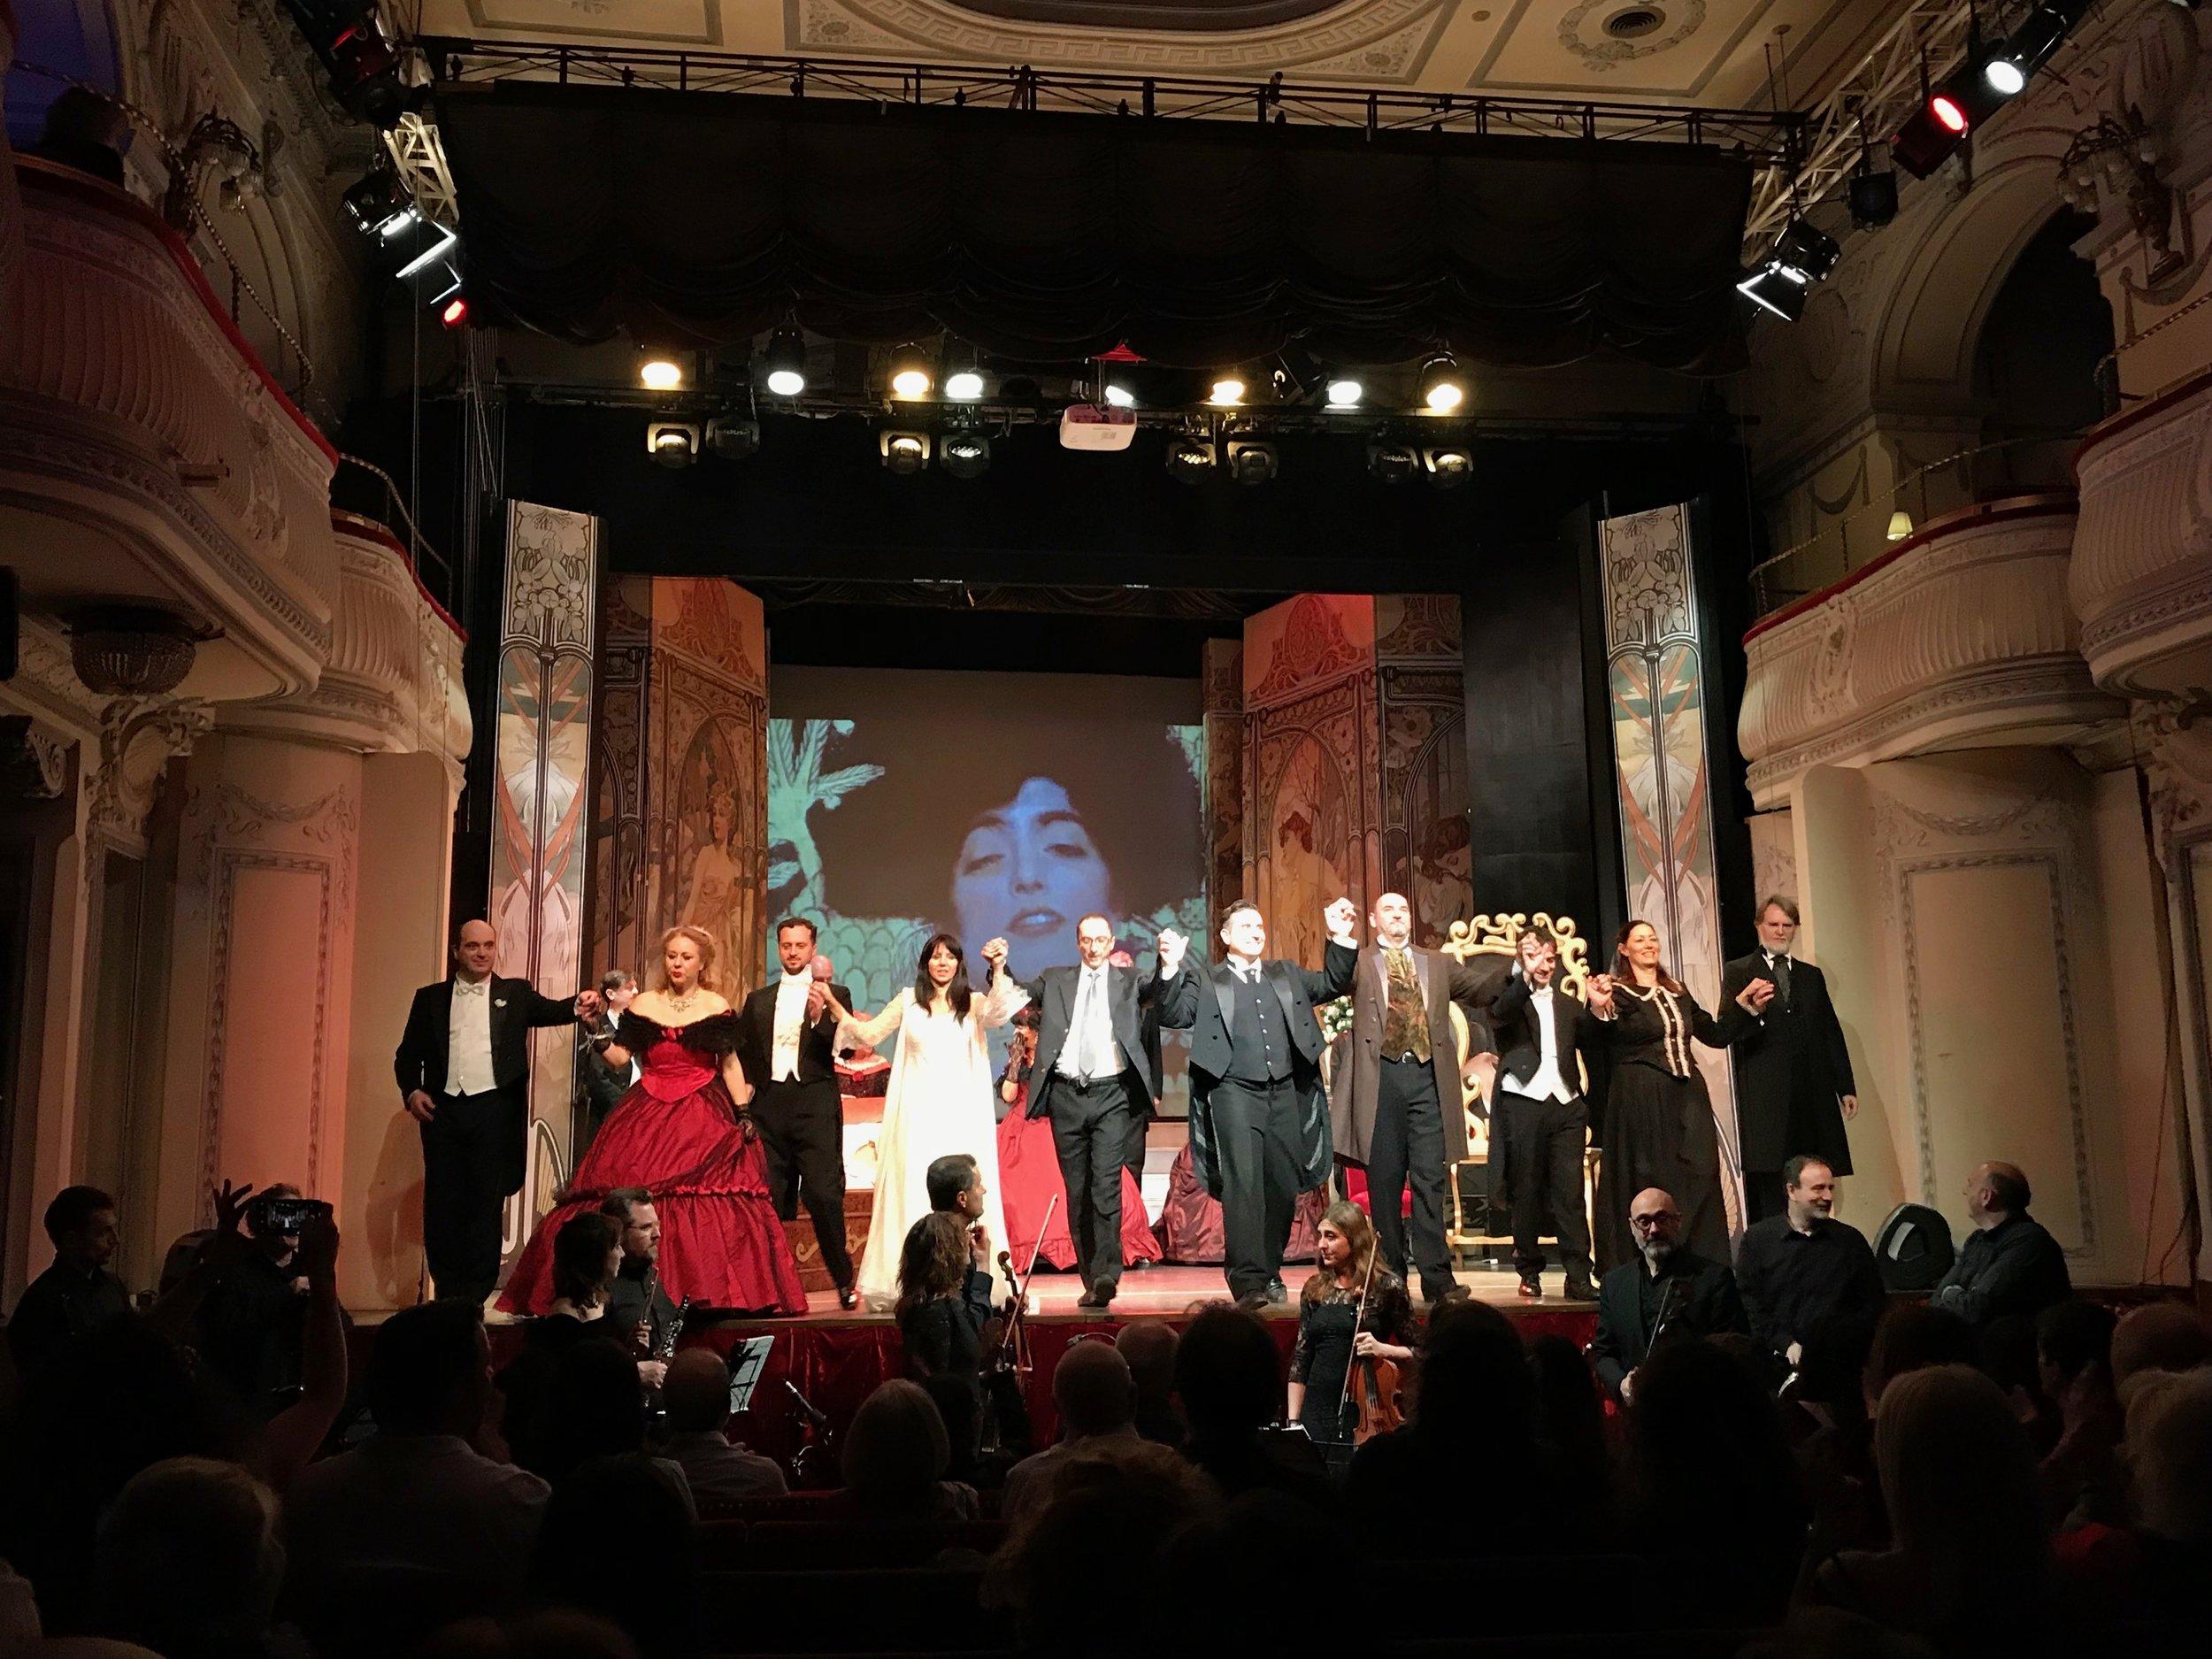 The fabulous cast of La Traviata in Rome